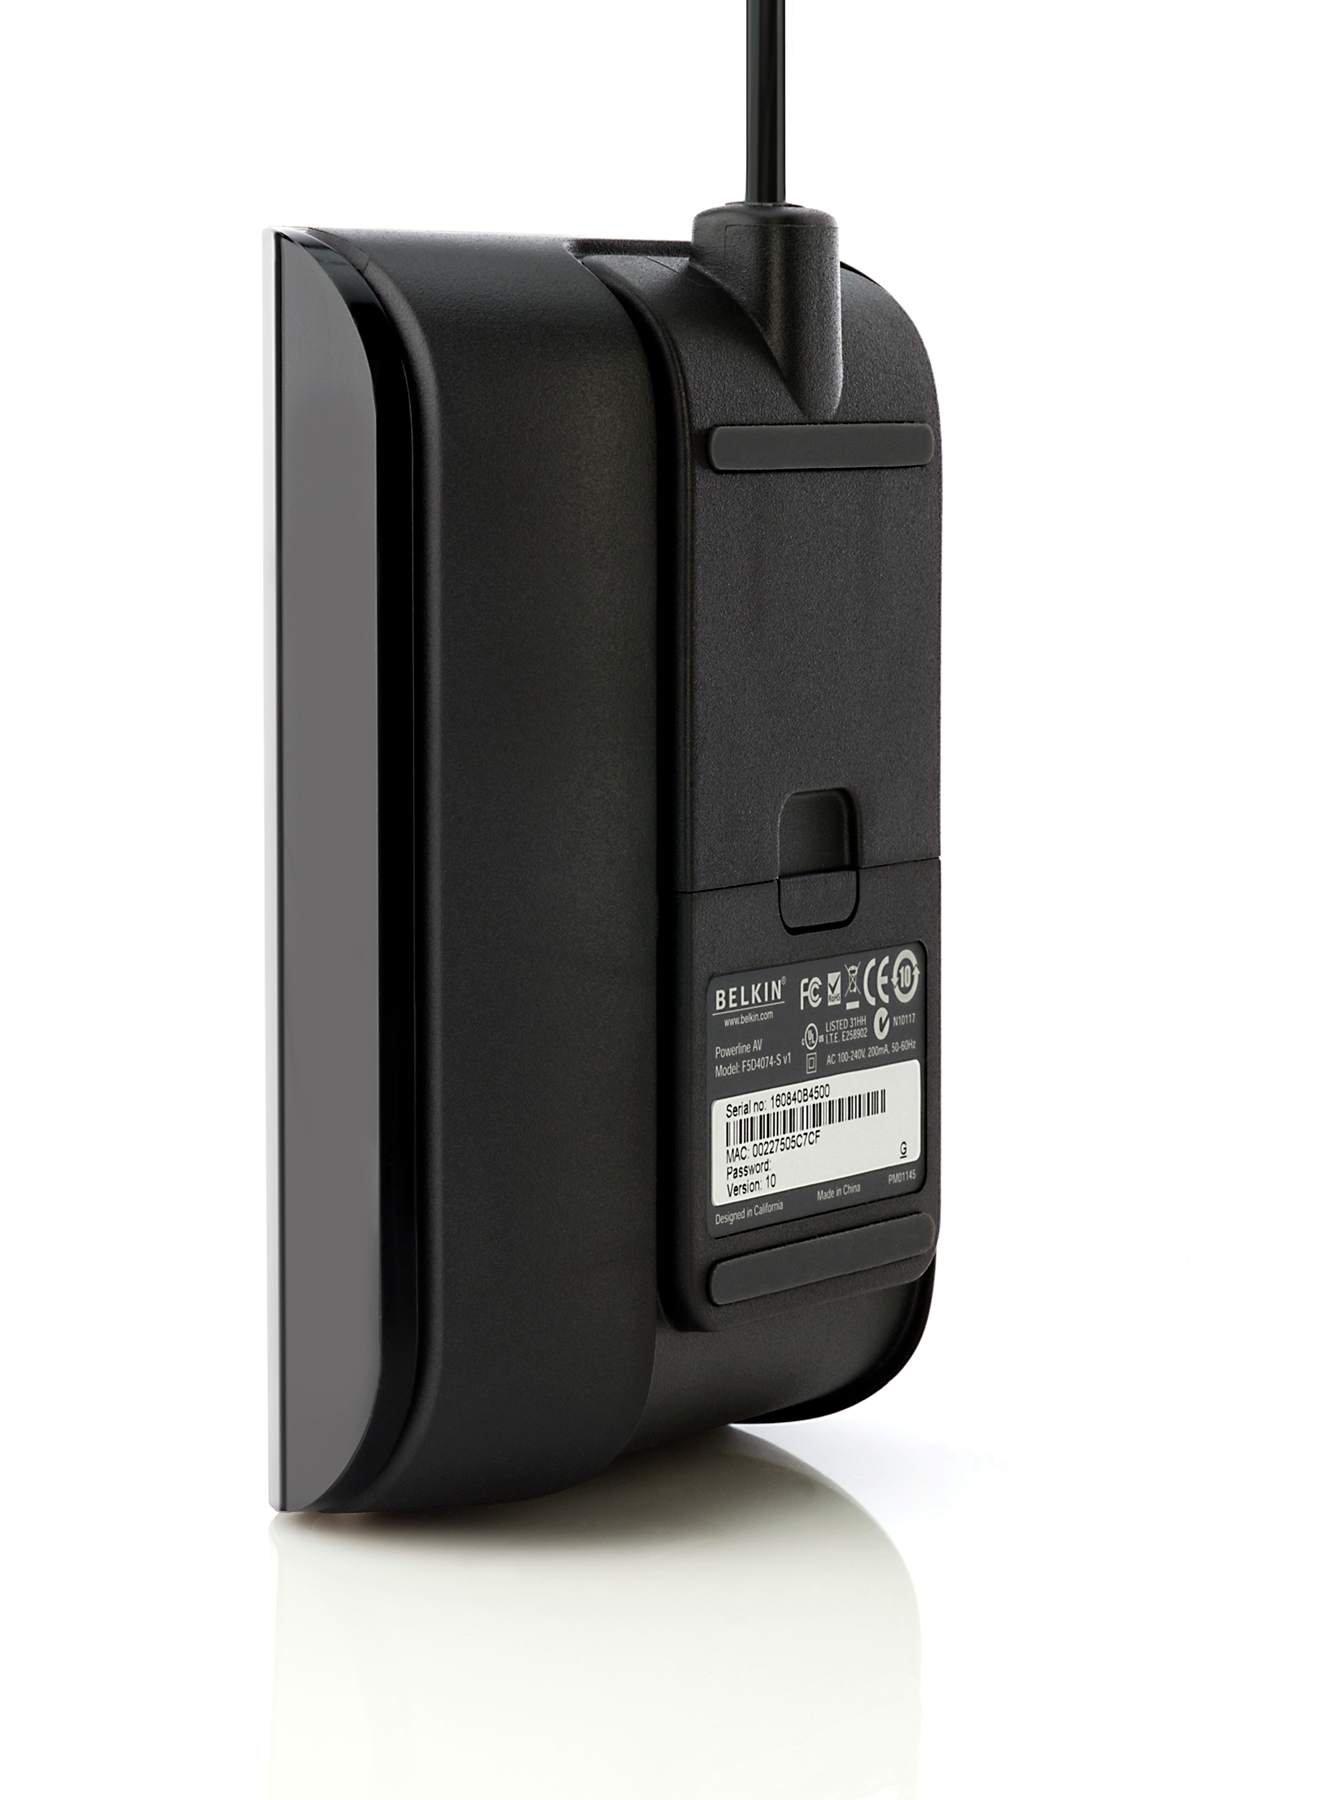 Belkin 200 Mbps Powerline AV Adapter (Black)